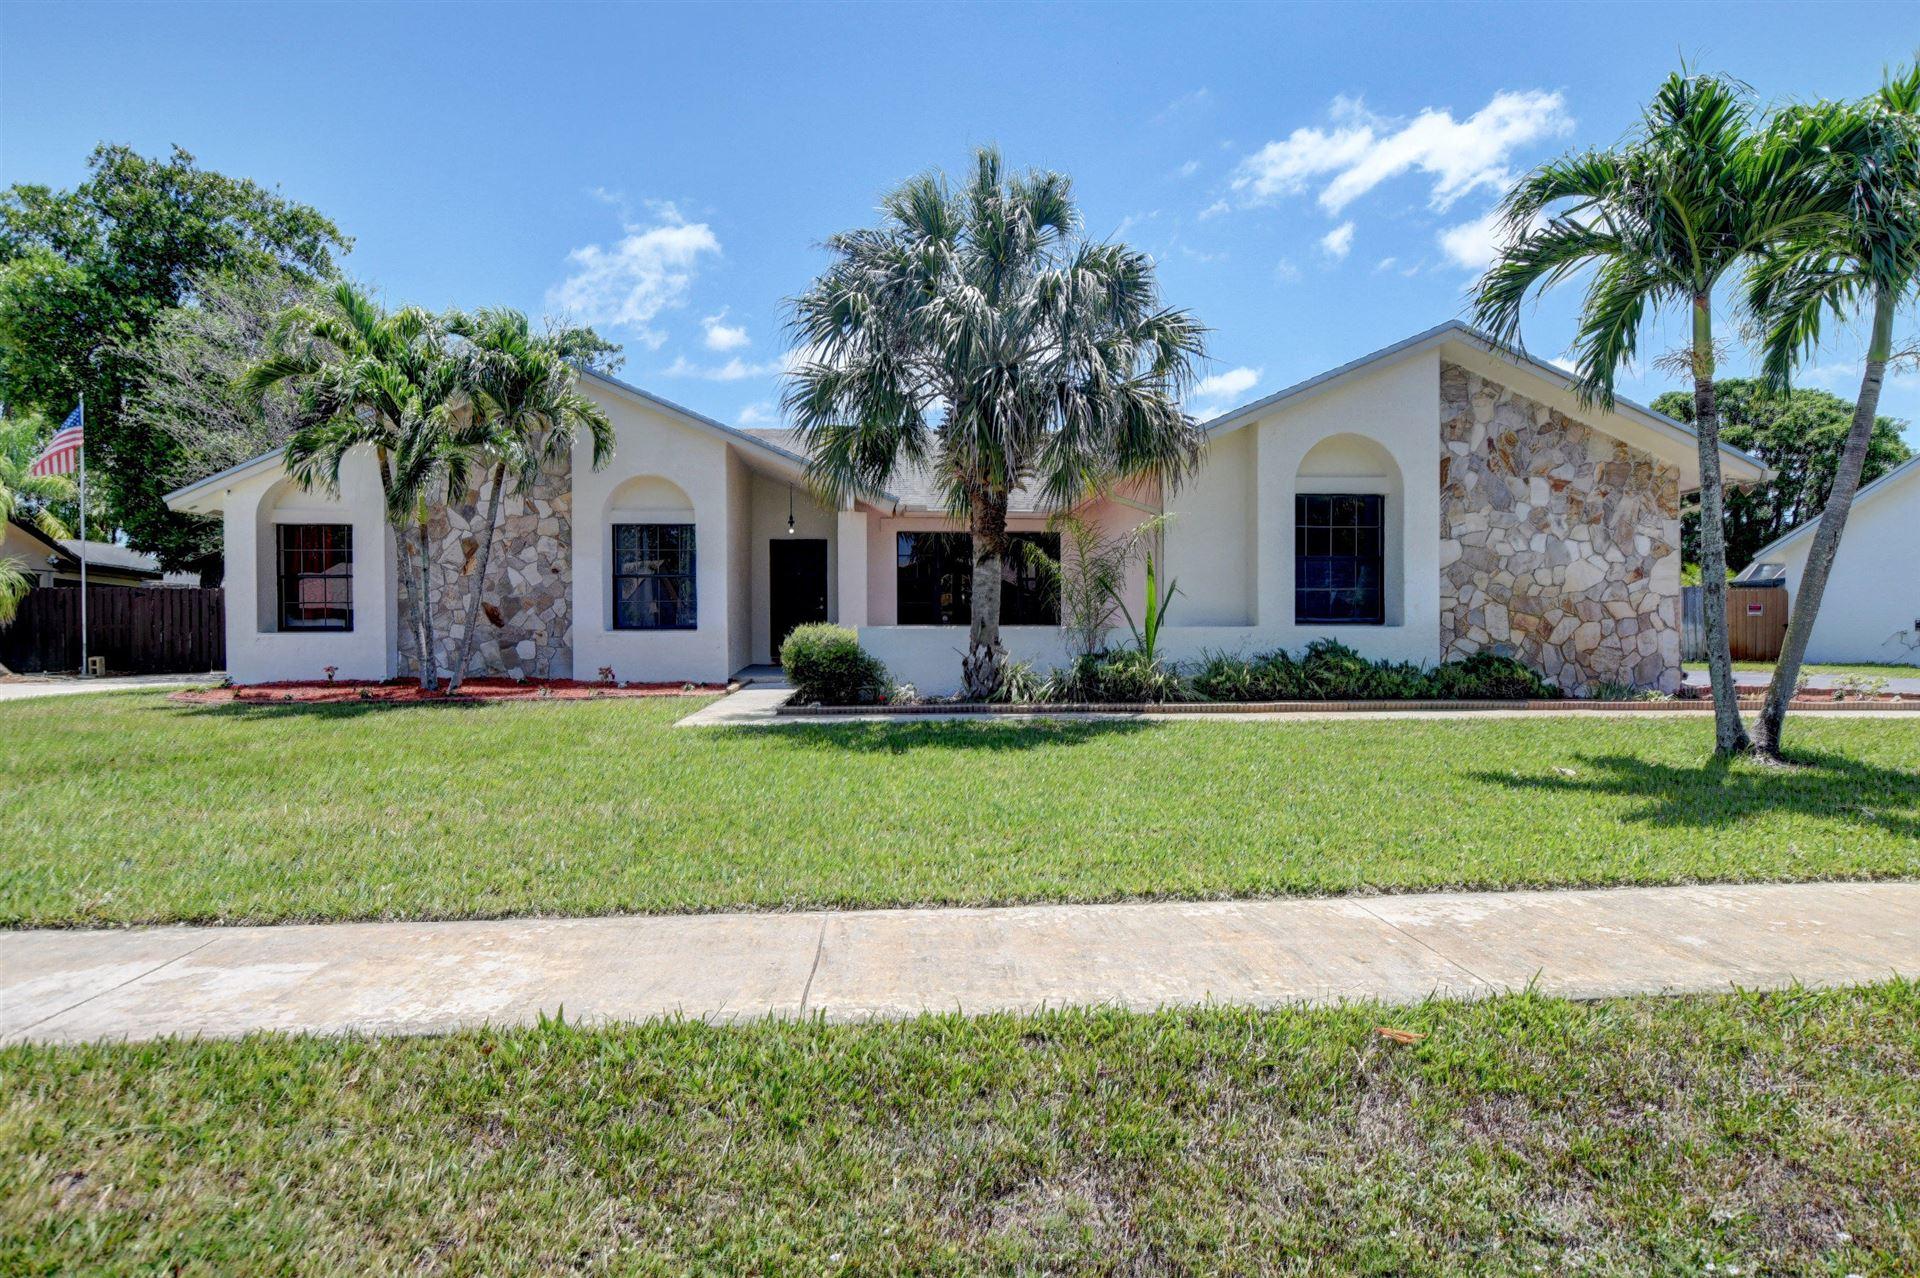 18348 104th Terrace S, Boca Raton, FL 33498 - #: RX-10713665